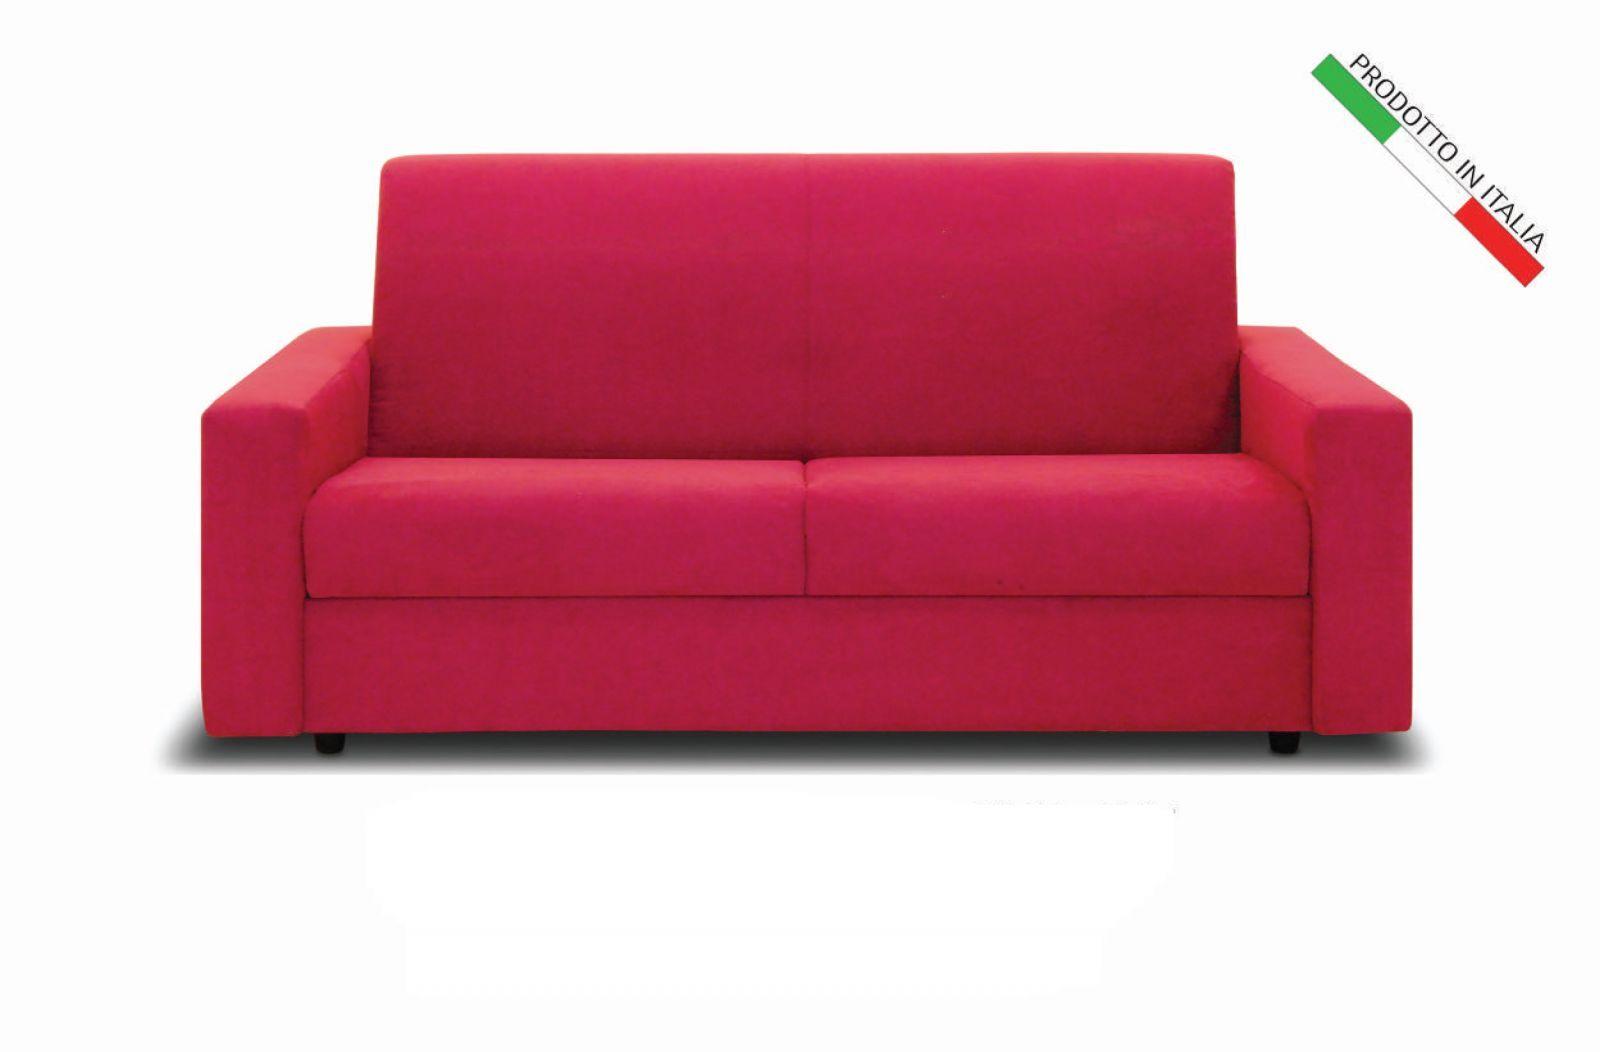 Divano letto in offerta salerno design arredamento divano divani magic house e house - Divano design offerta ...